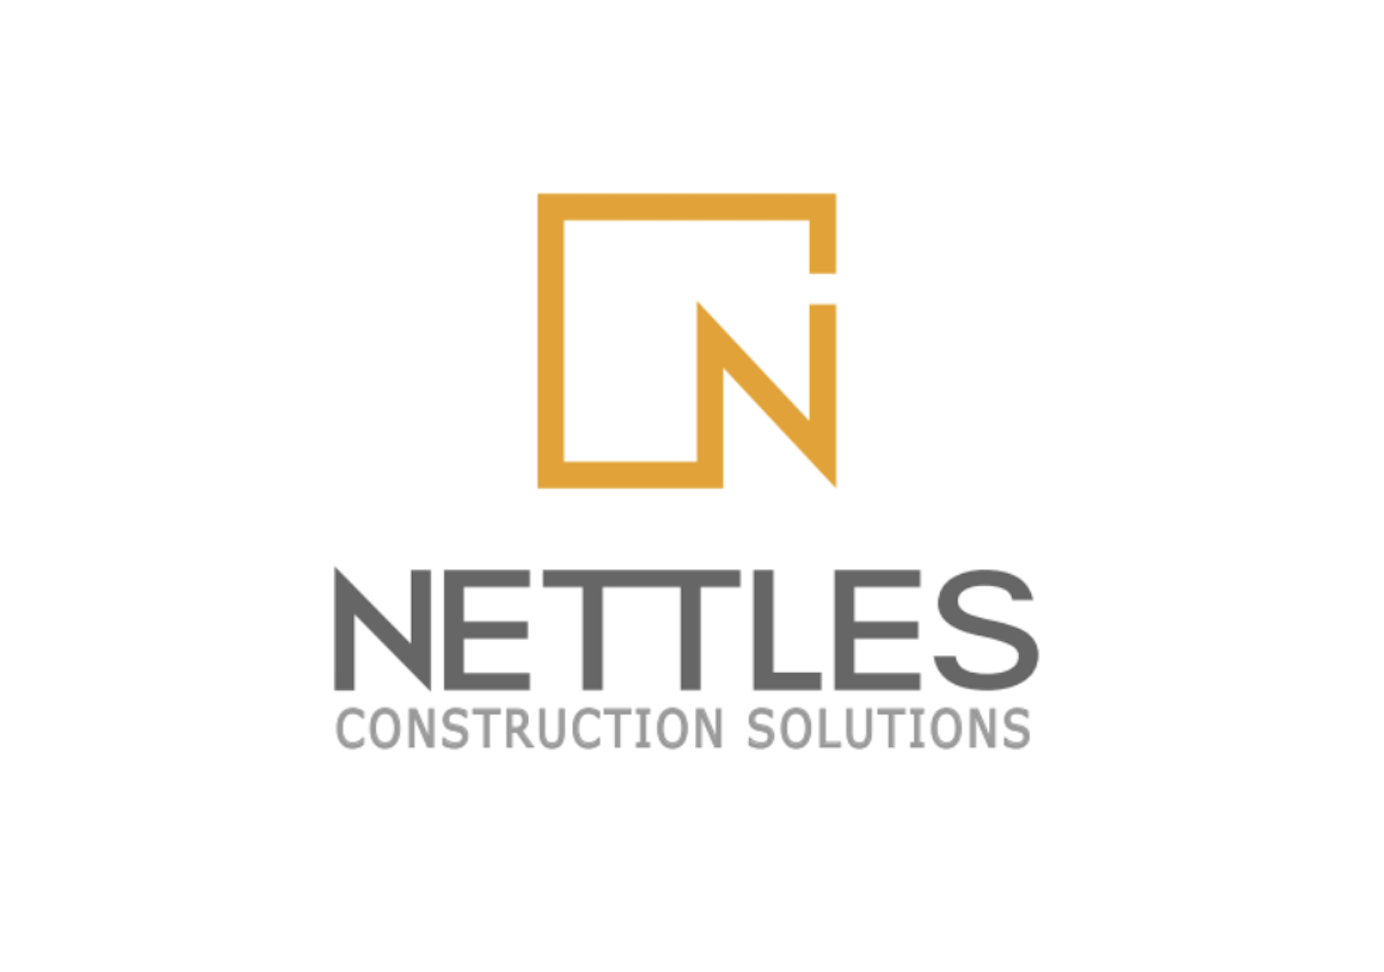 GL Nettles rebrands - Nettles Construction Solutions